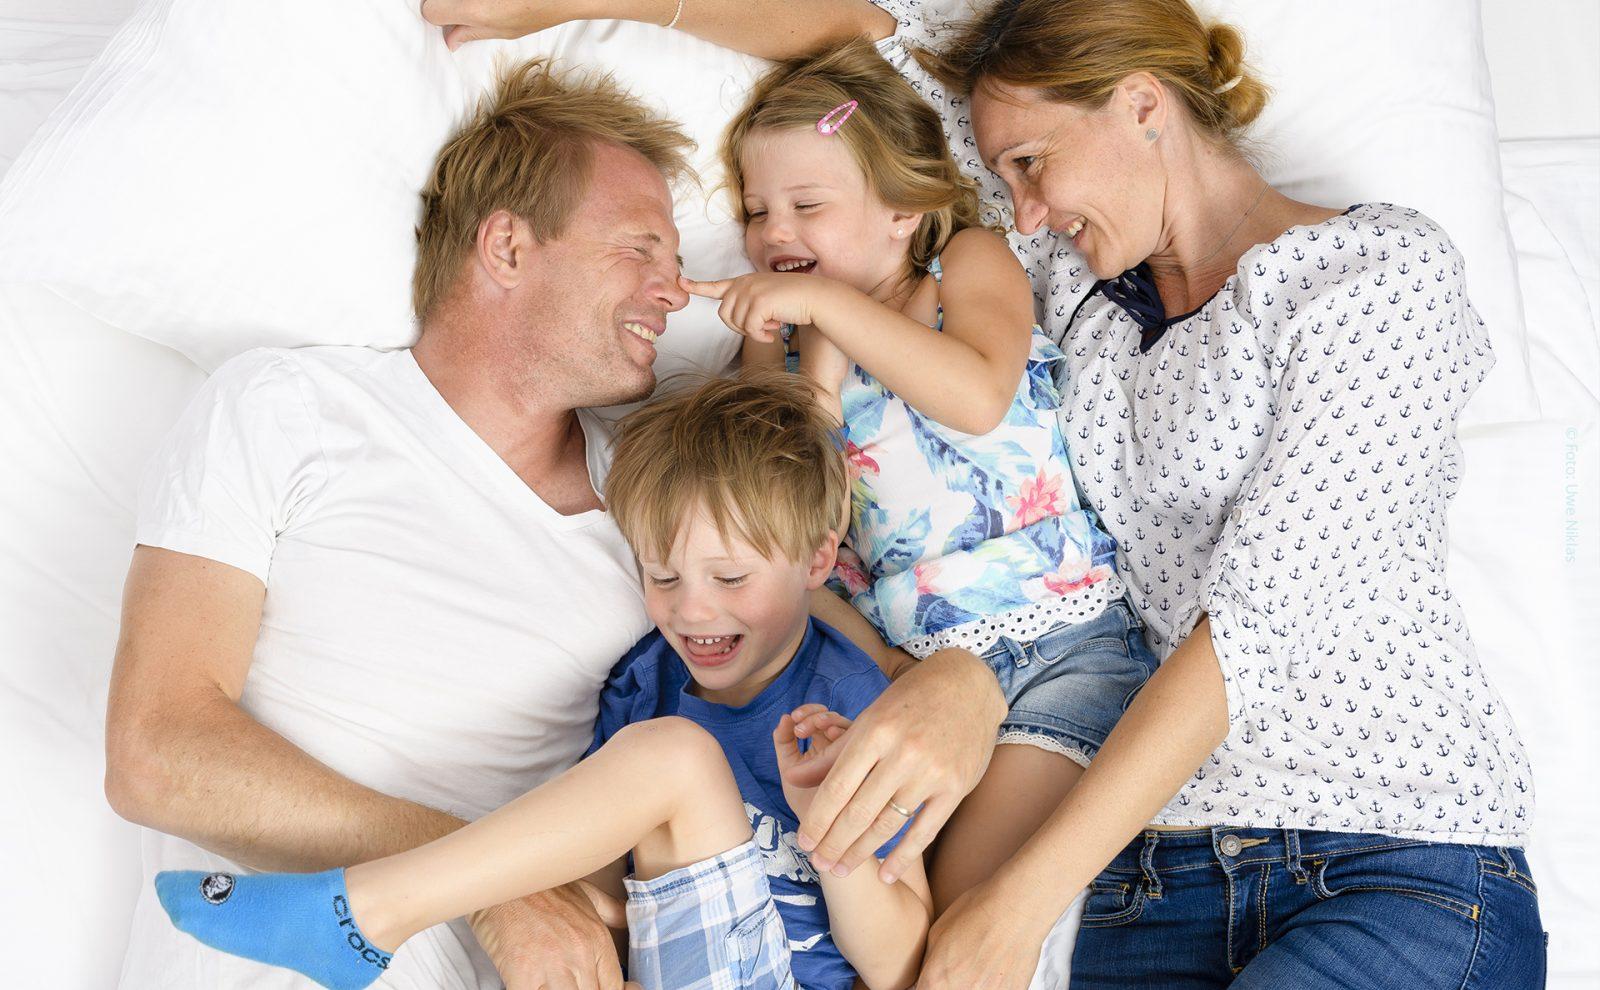 Familie Bett